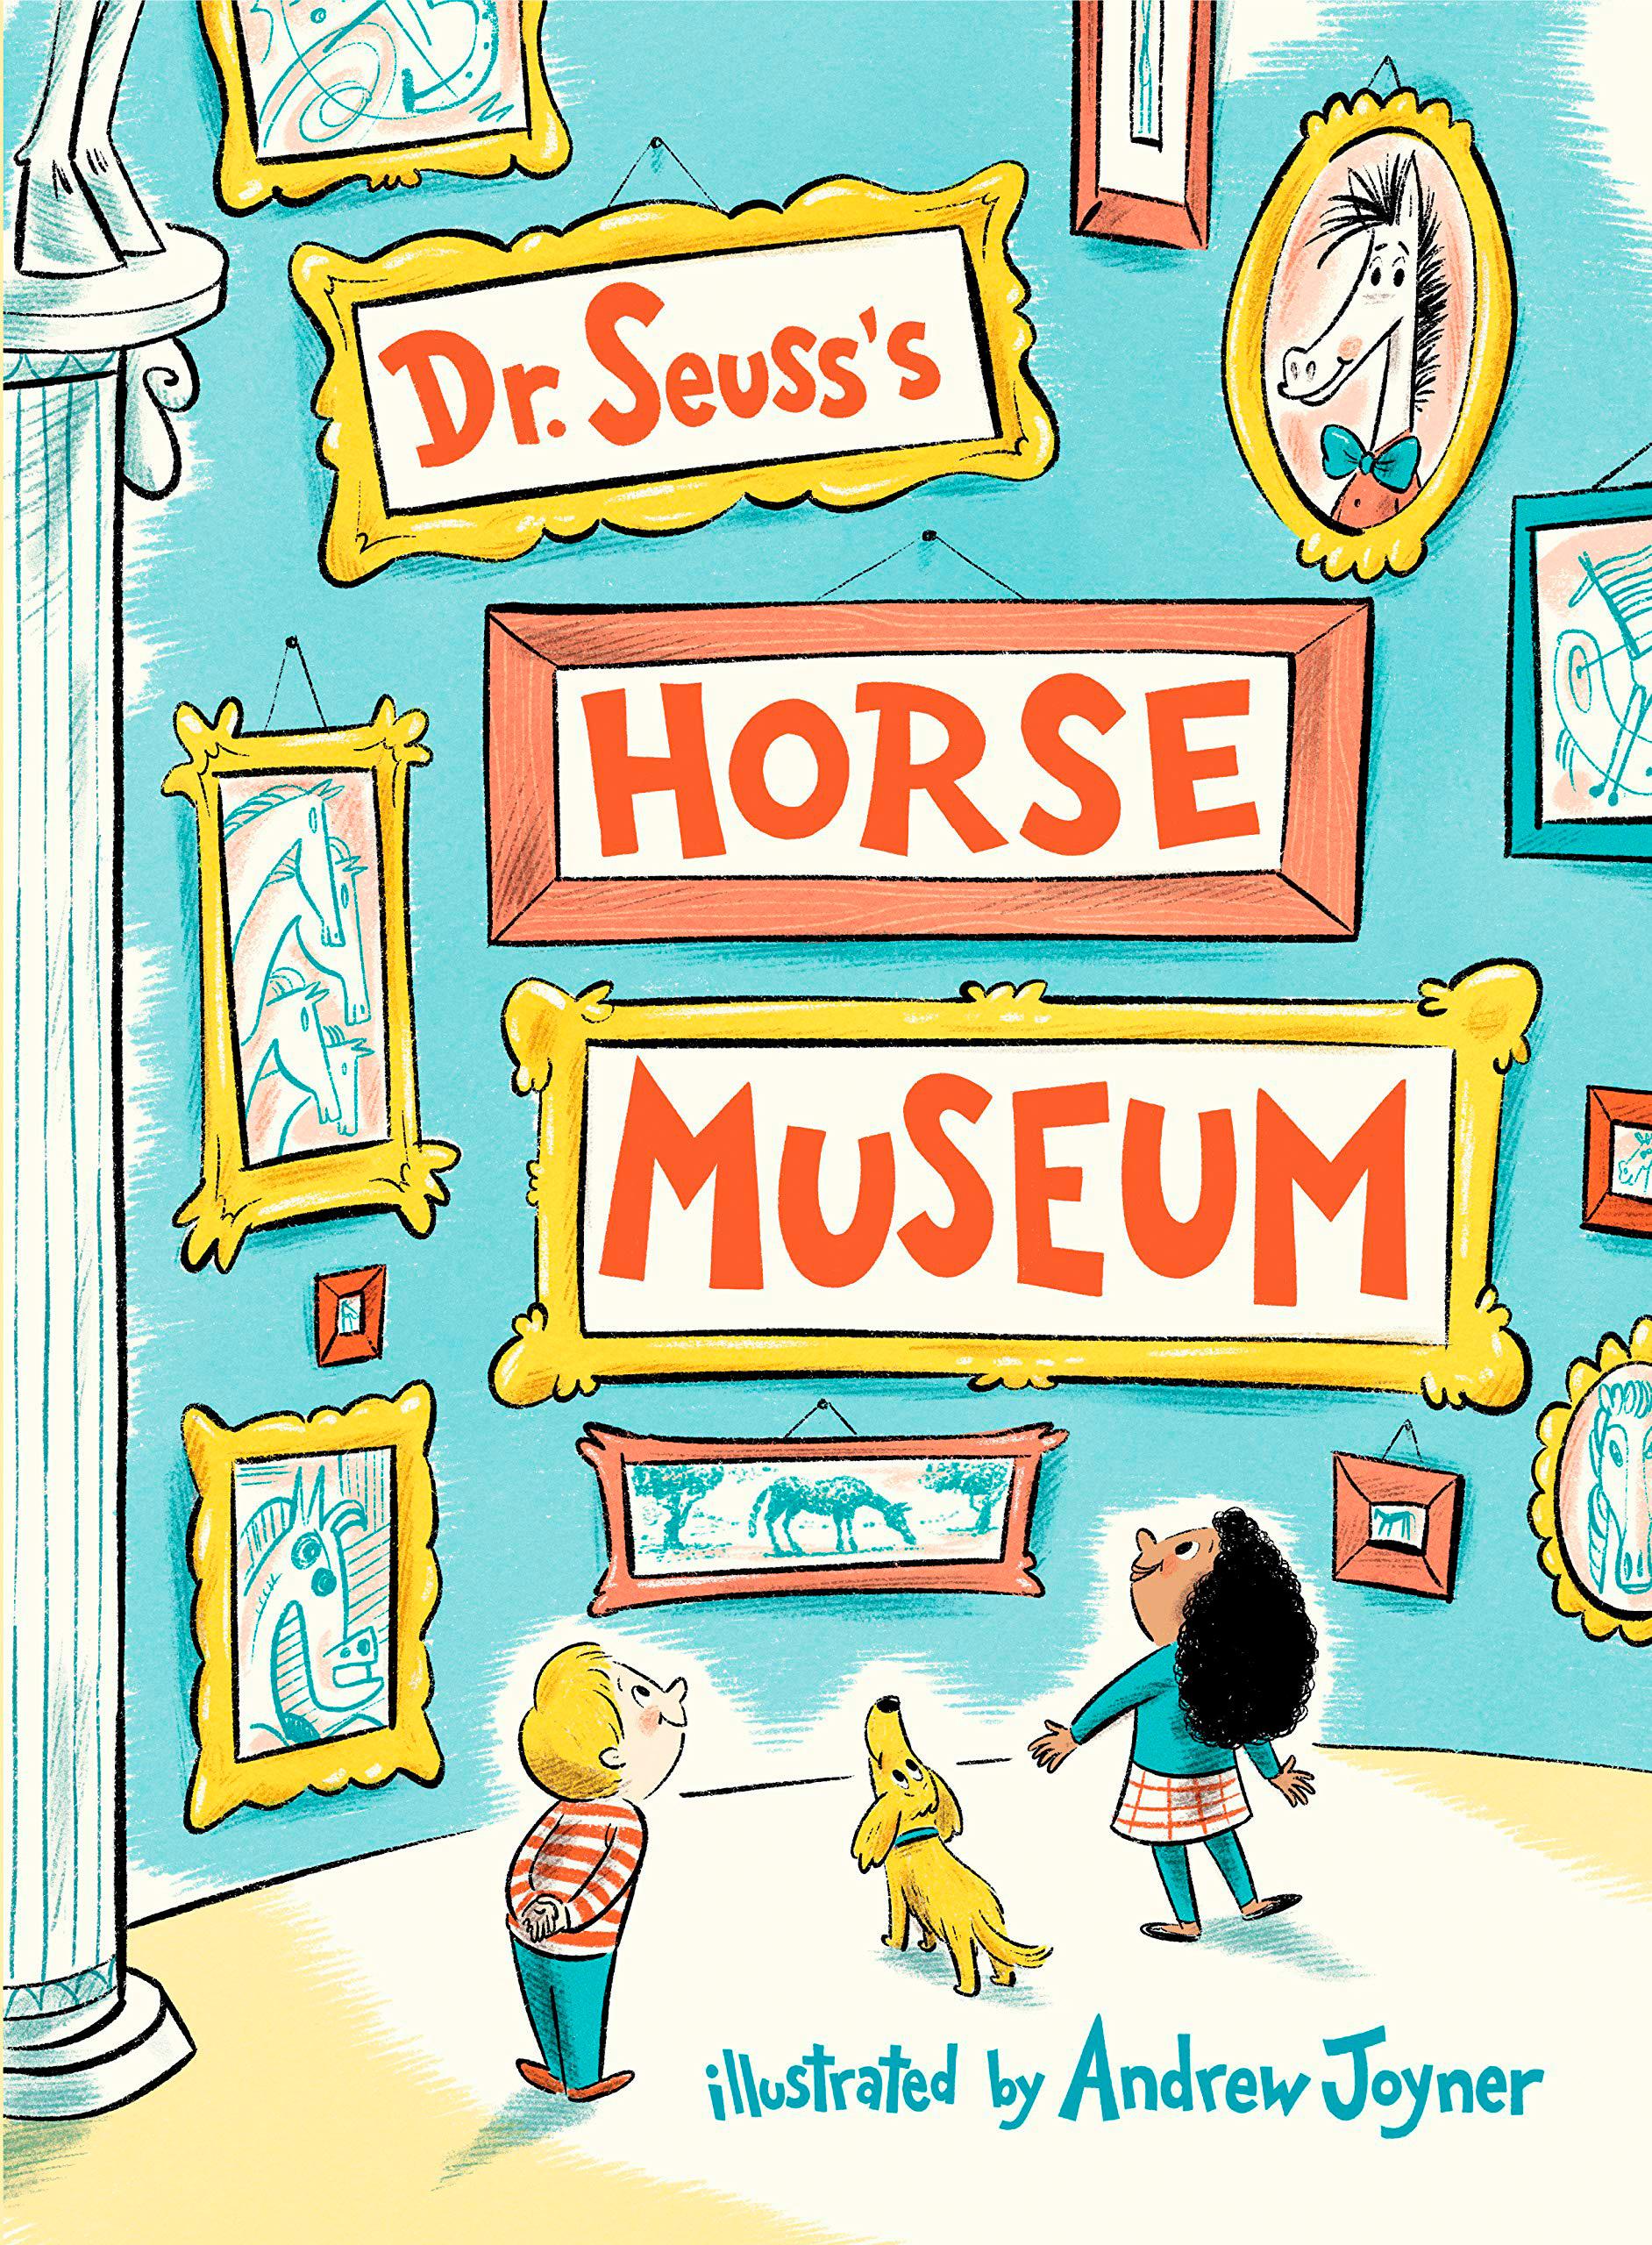 Hardcover | random house children's books | penguin random house | 80 pages  Published September 3rd 2019